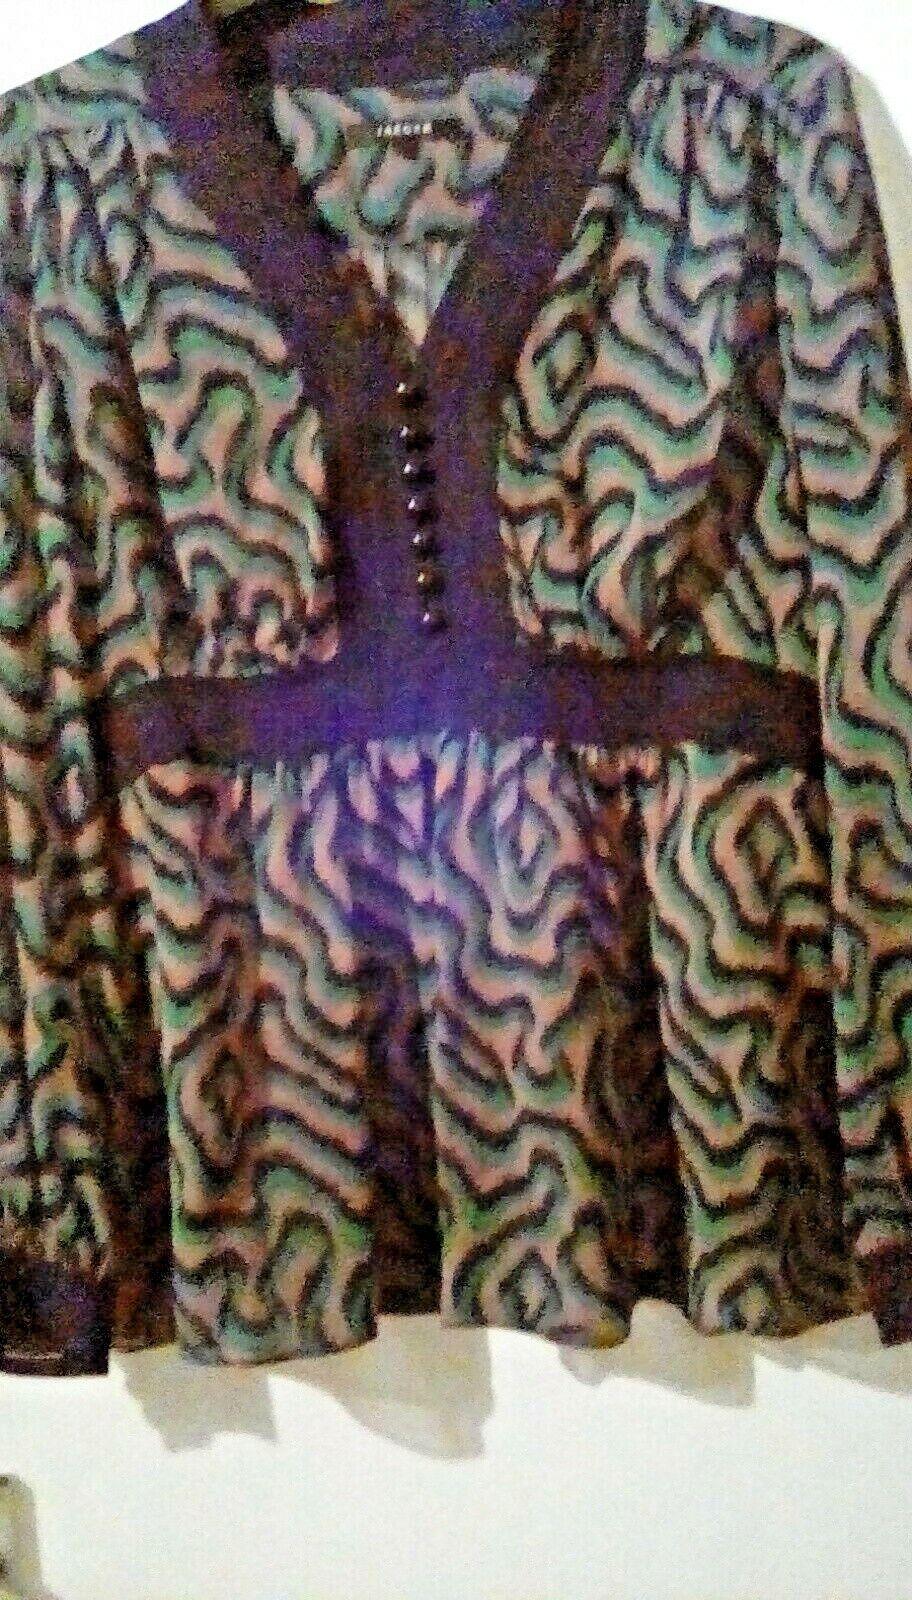 Pure Silk Jaeger schwarz Grün braun Semi sheer Patterned Top sz16. Stunning